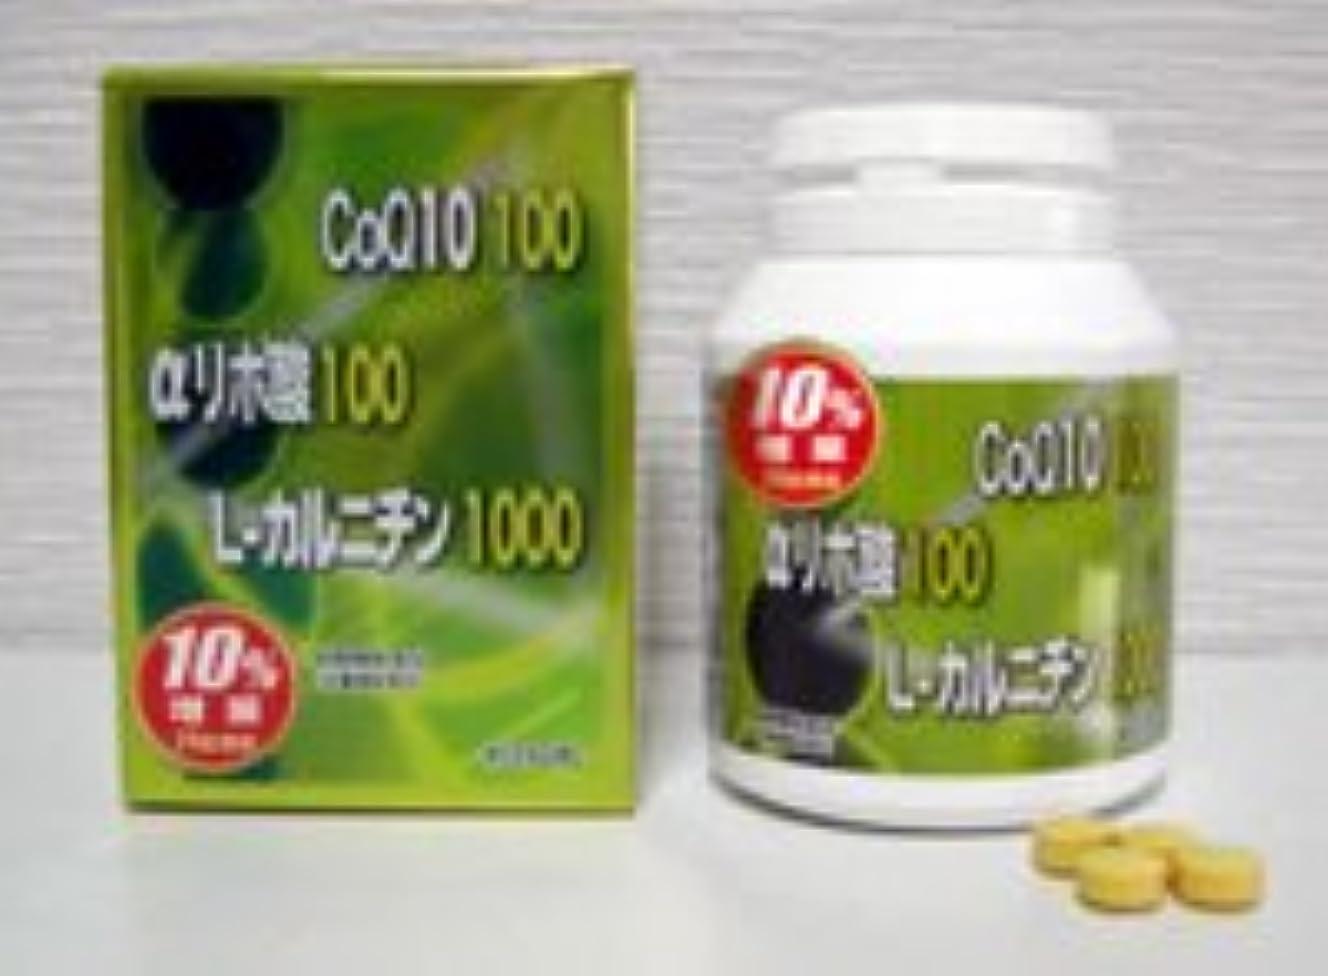 故意に活力不良ダイエットサプリ CoQ10+αリポ酸+L-カルニチン 102.96g(390mg×約264粒)